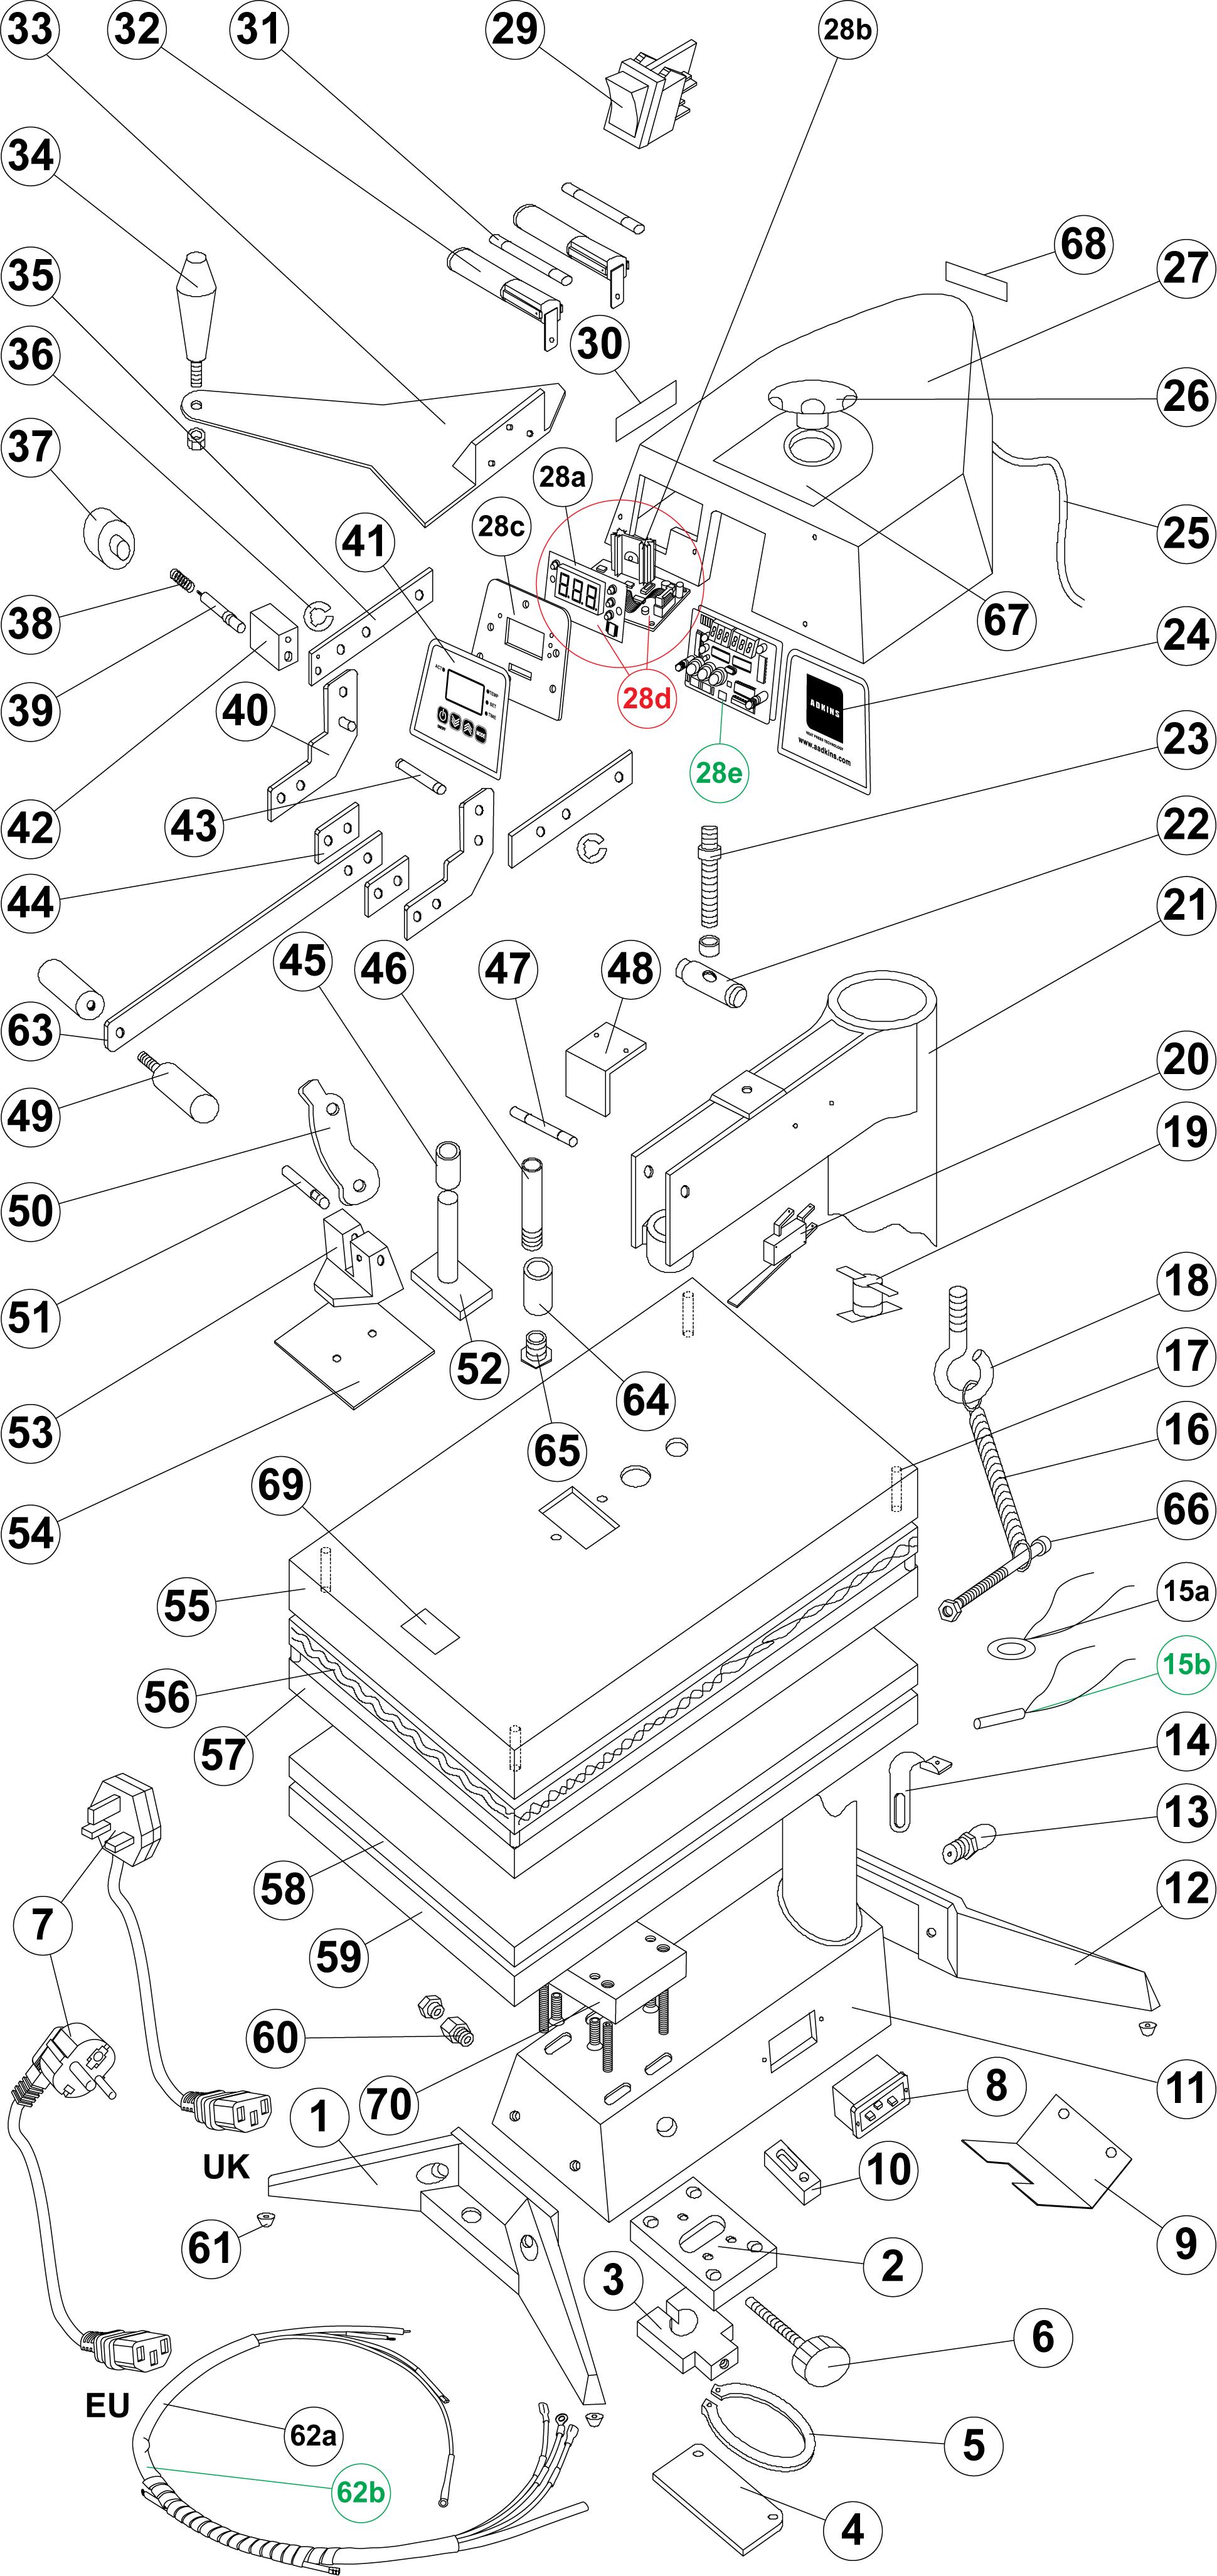 Maxi Hi-Lift Exploded Diagram